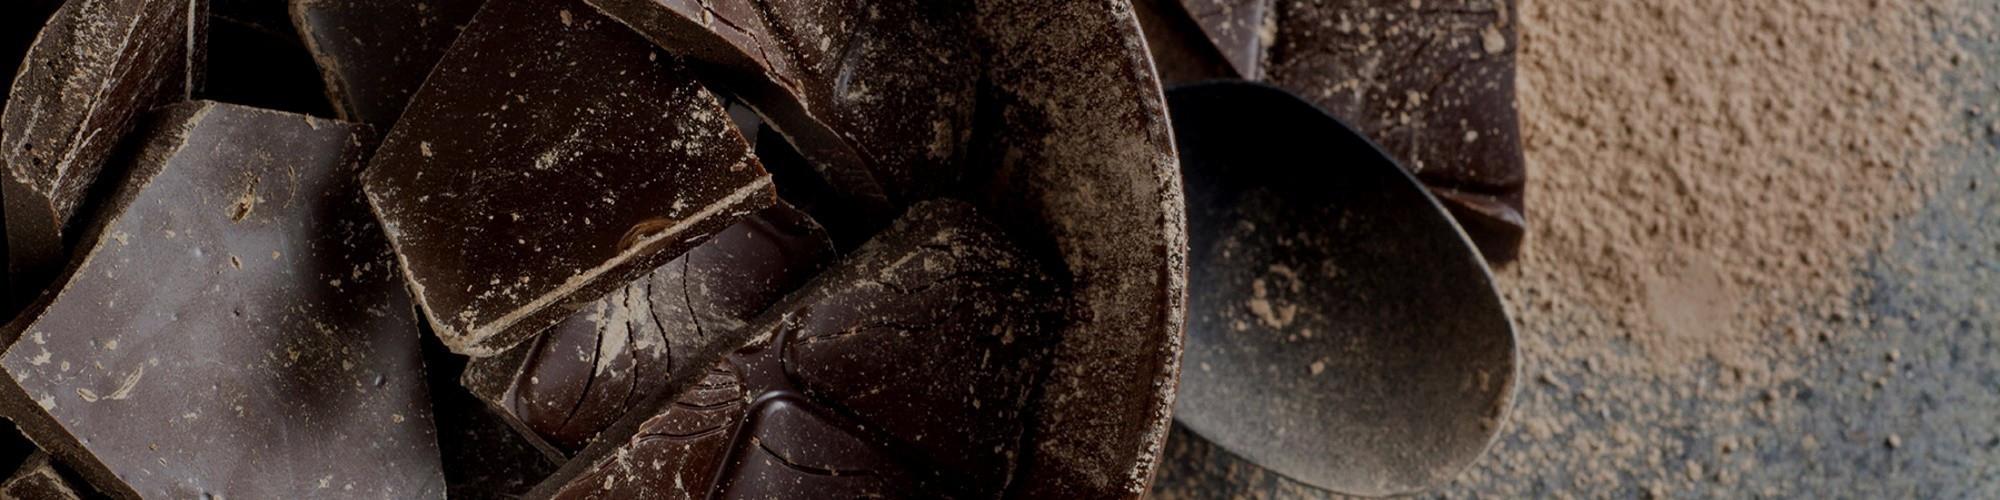 Gedroogd fruit omhulled met chocolade